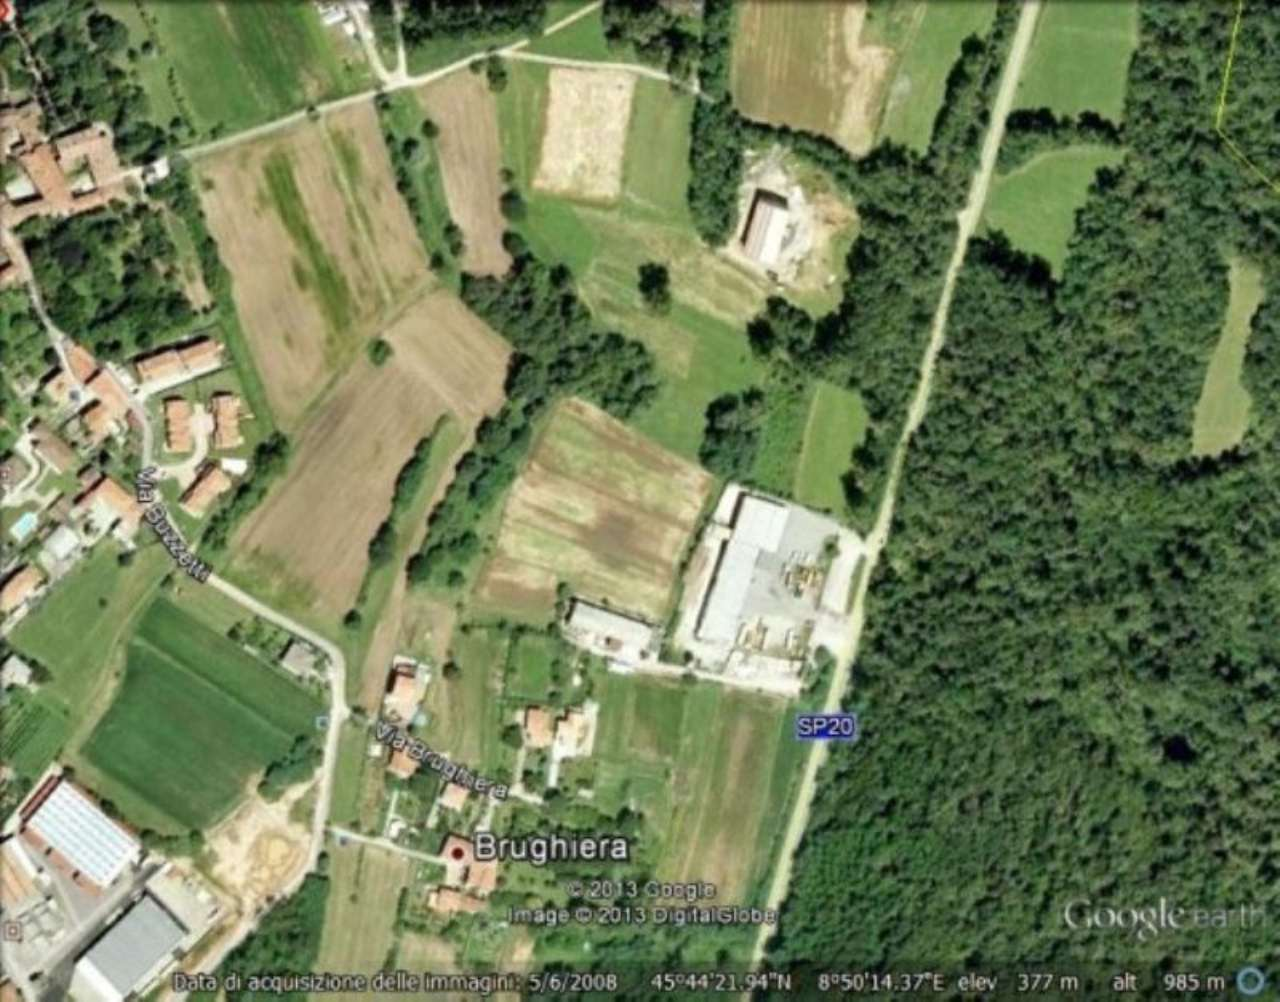 Terreno Agricolo in vendita a Caronno Varesino, 9999 locali, prezzo € 15.000 | Cambio Casa.it